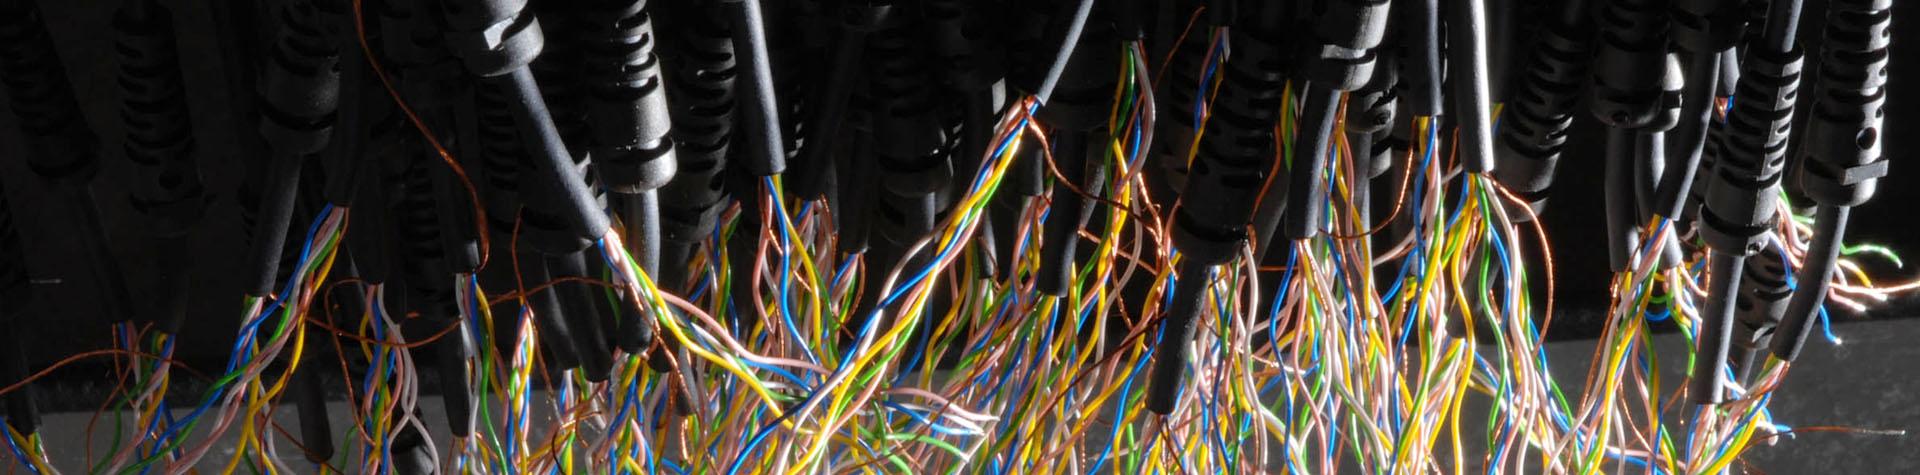 Abisolierte Kabel mit vielen bunten Leitern